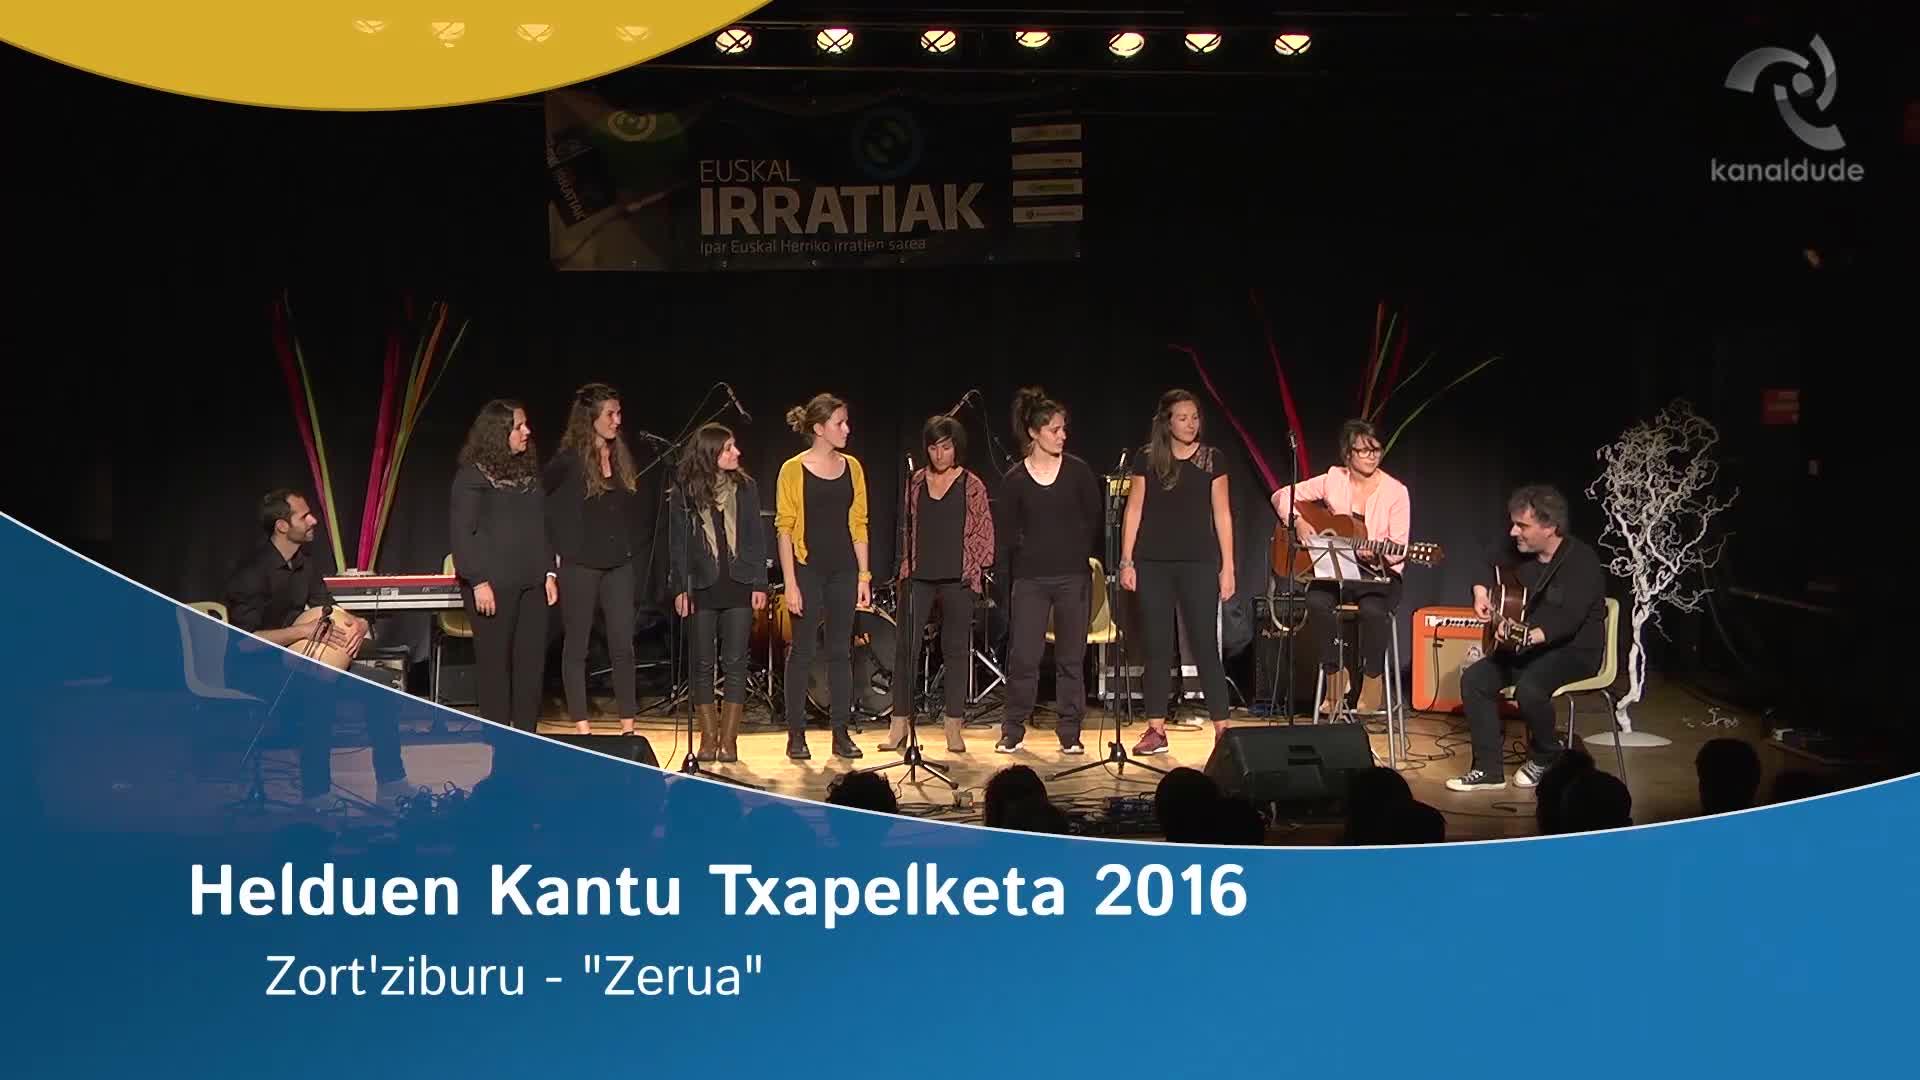 """Helduen Kantu txapelketa 2016: Zort'Ziburu """"Zerua"""""""